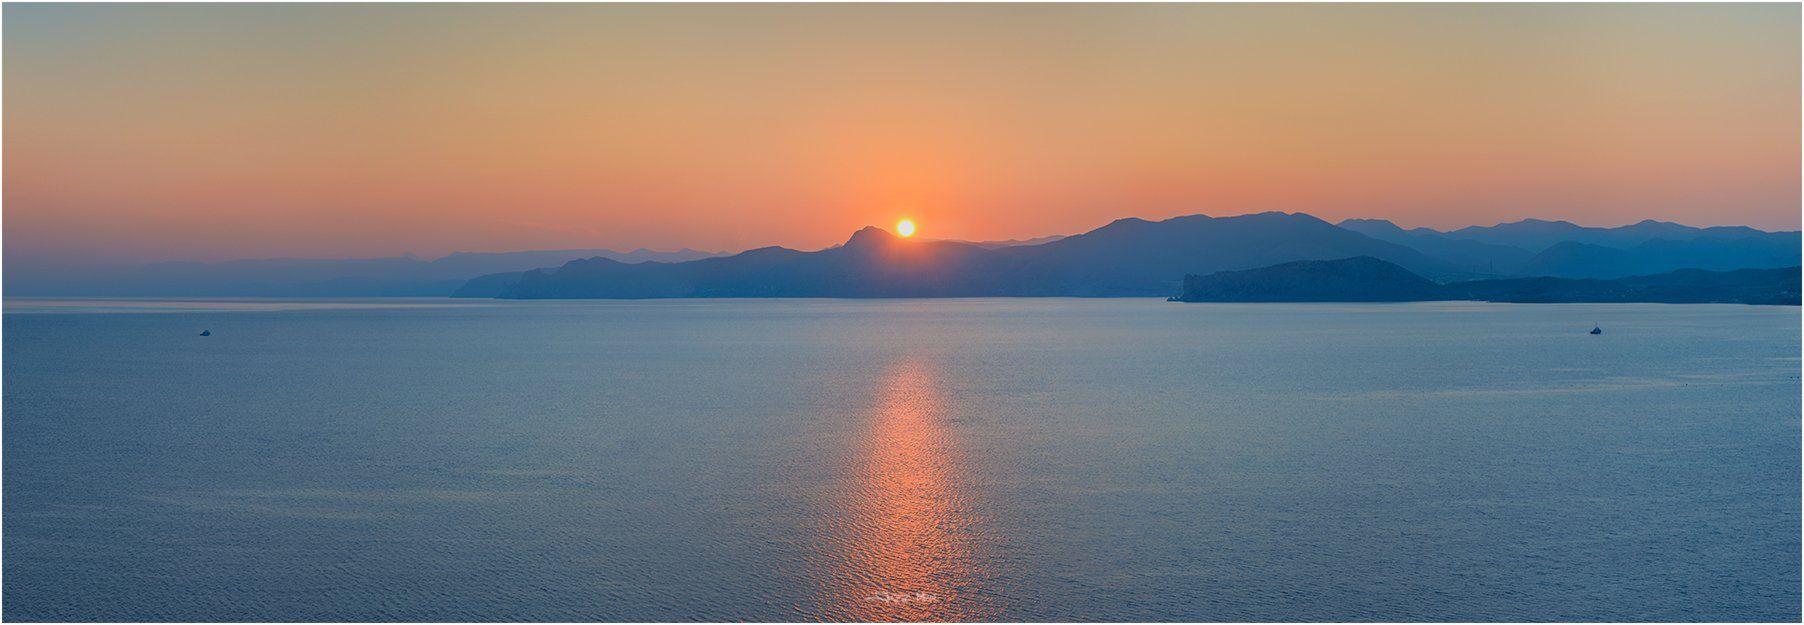 Горы, Закат, Корабли, Крым, Крымские горы, Море, Панорама, Солнце, Черное море, Jazz Man